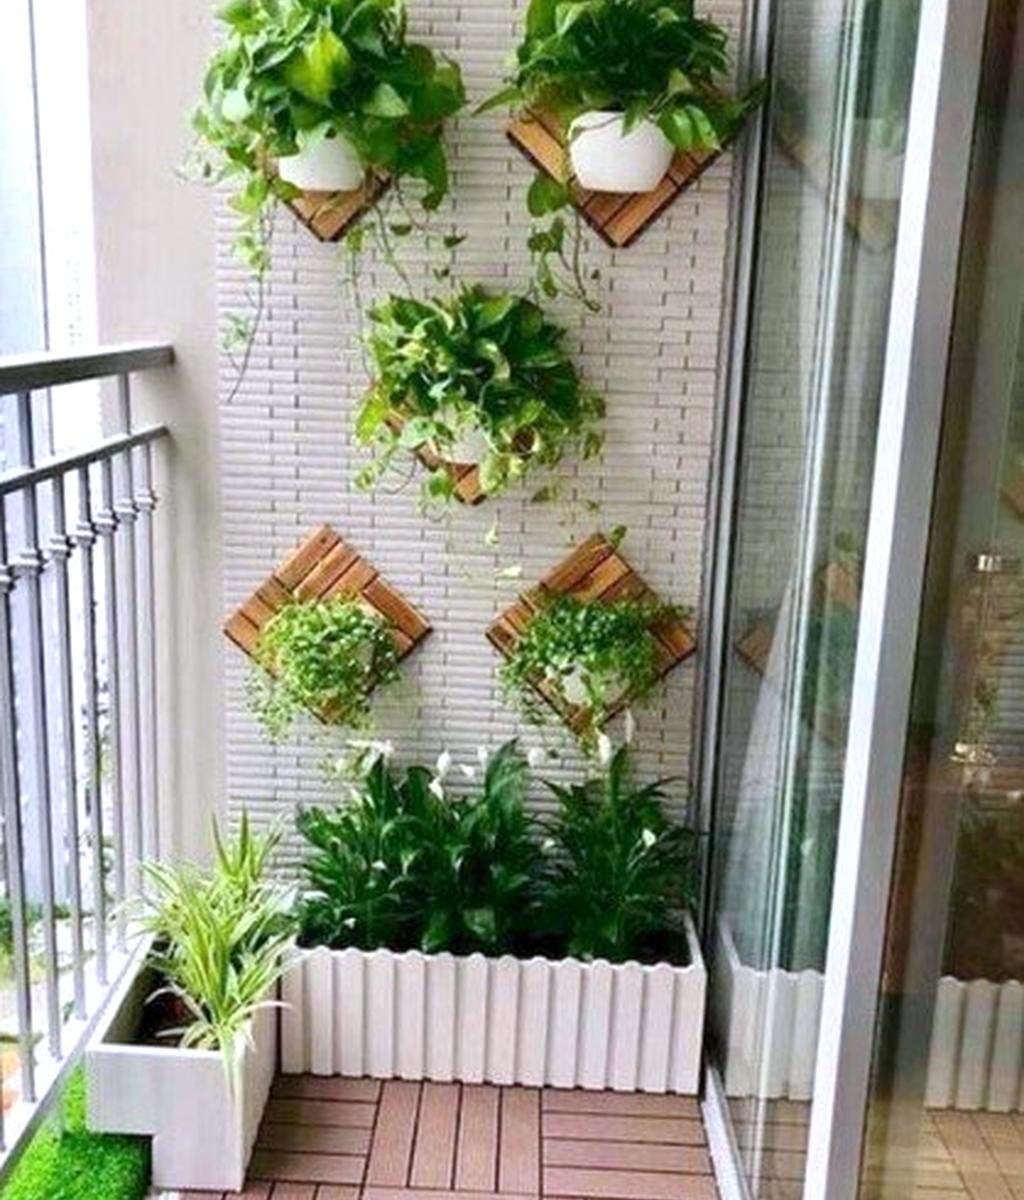 Stunning Apartment Balcony Garden Ideas Look Beautiful 14